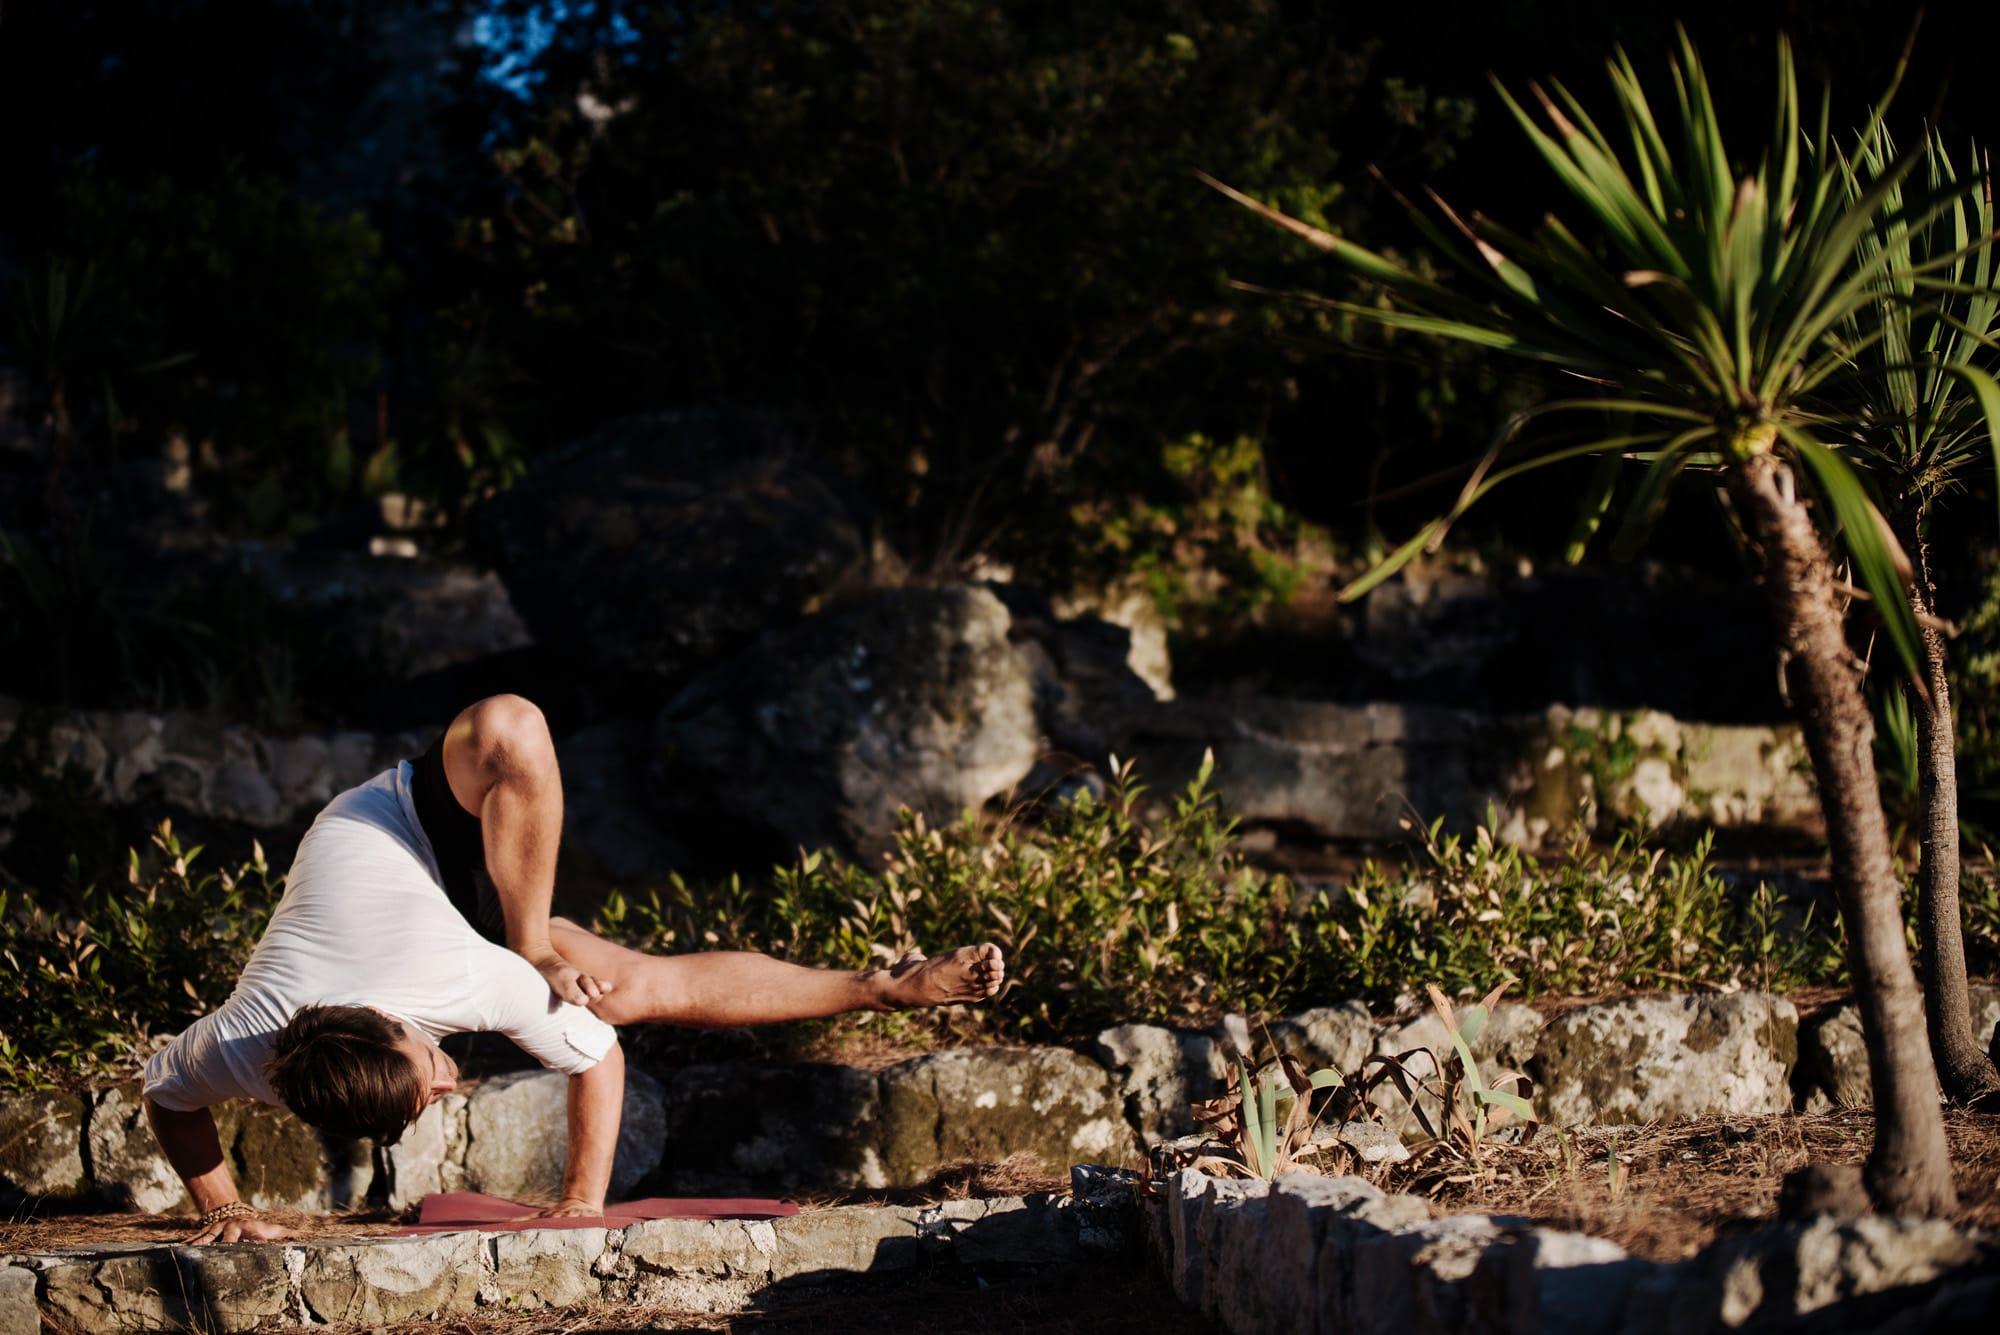 Florian Doose von YOGA-MA bei einem Asana. YOGA-MA – Yoga-Studio in Stuttgart